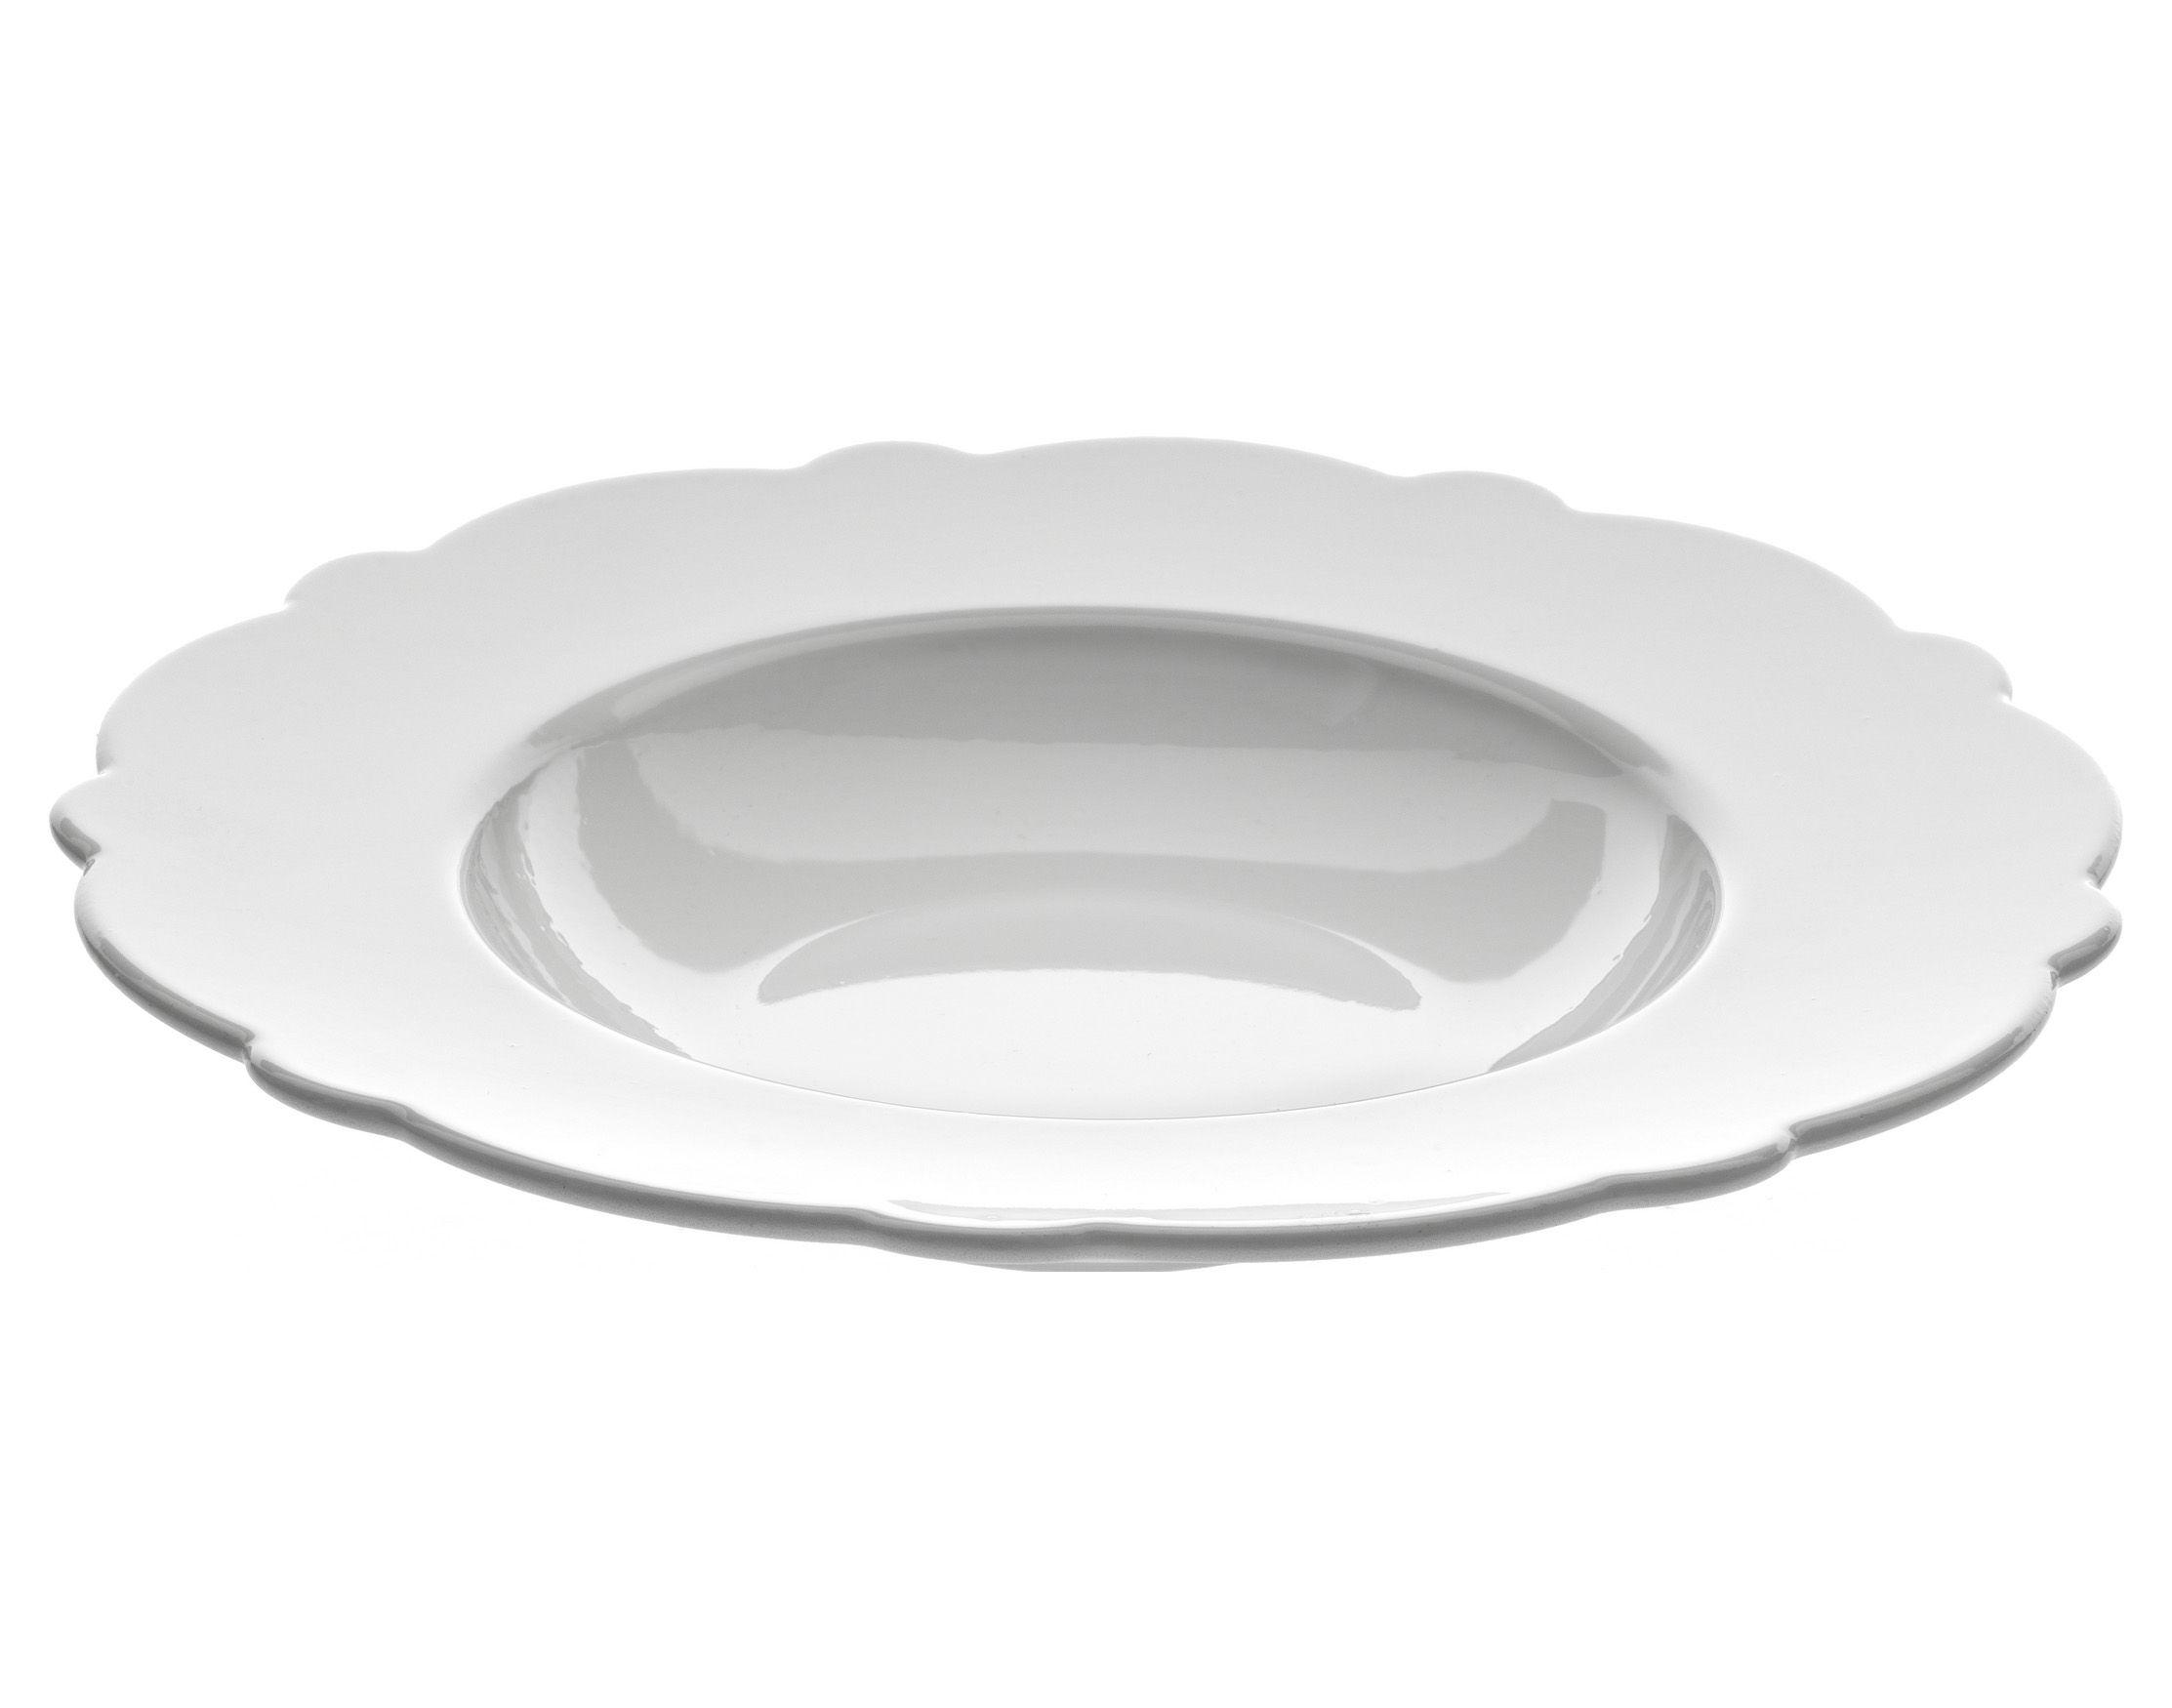 Assiette Creuse Dressed 23 Cm Assiette Creuse 23 Cm Blanc  # Rangements Assietes Modernes